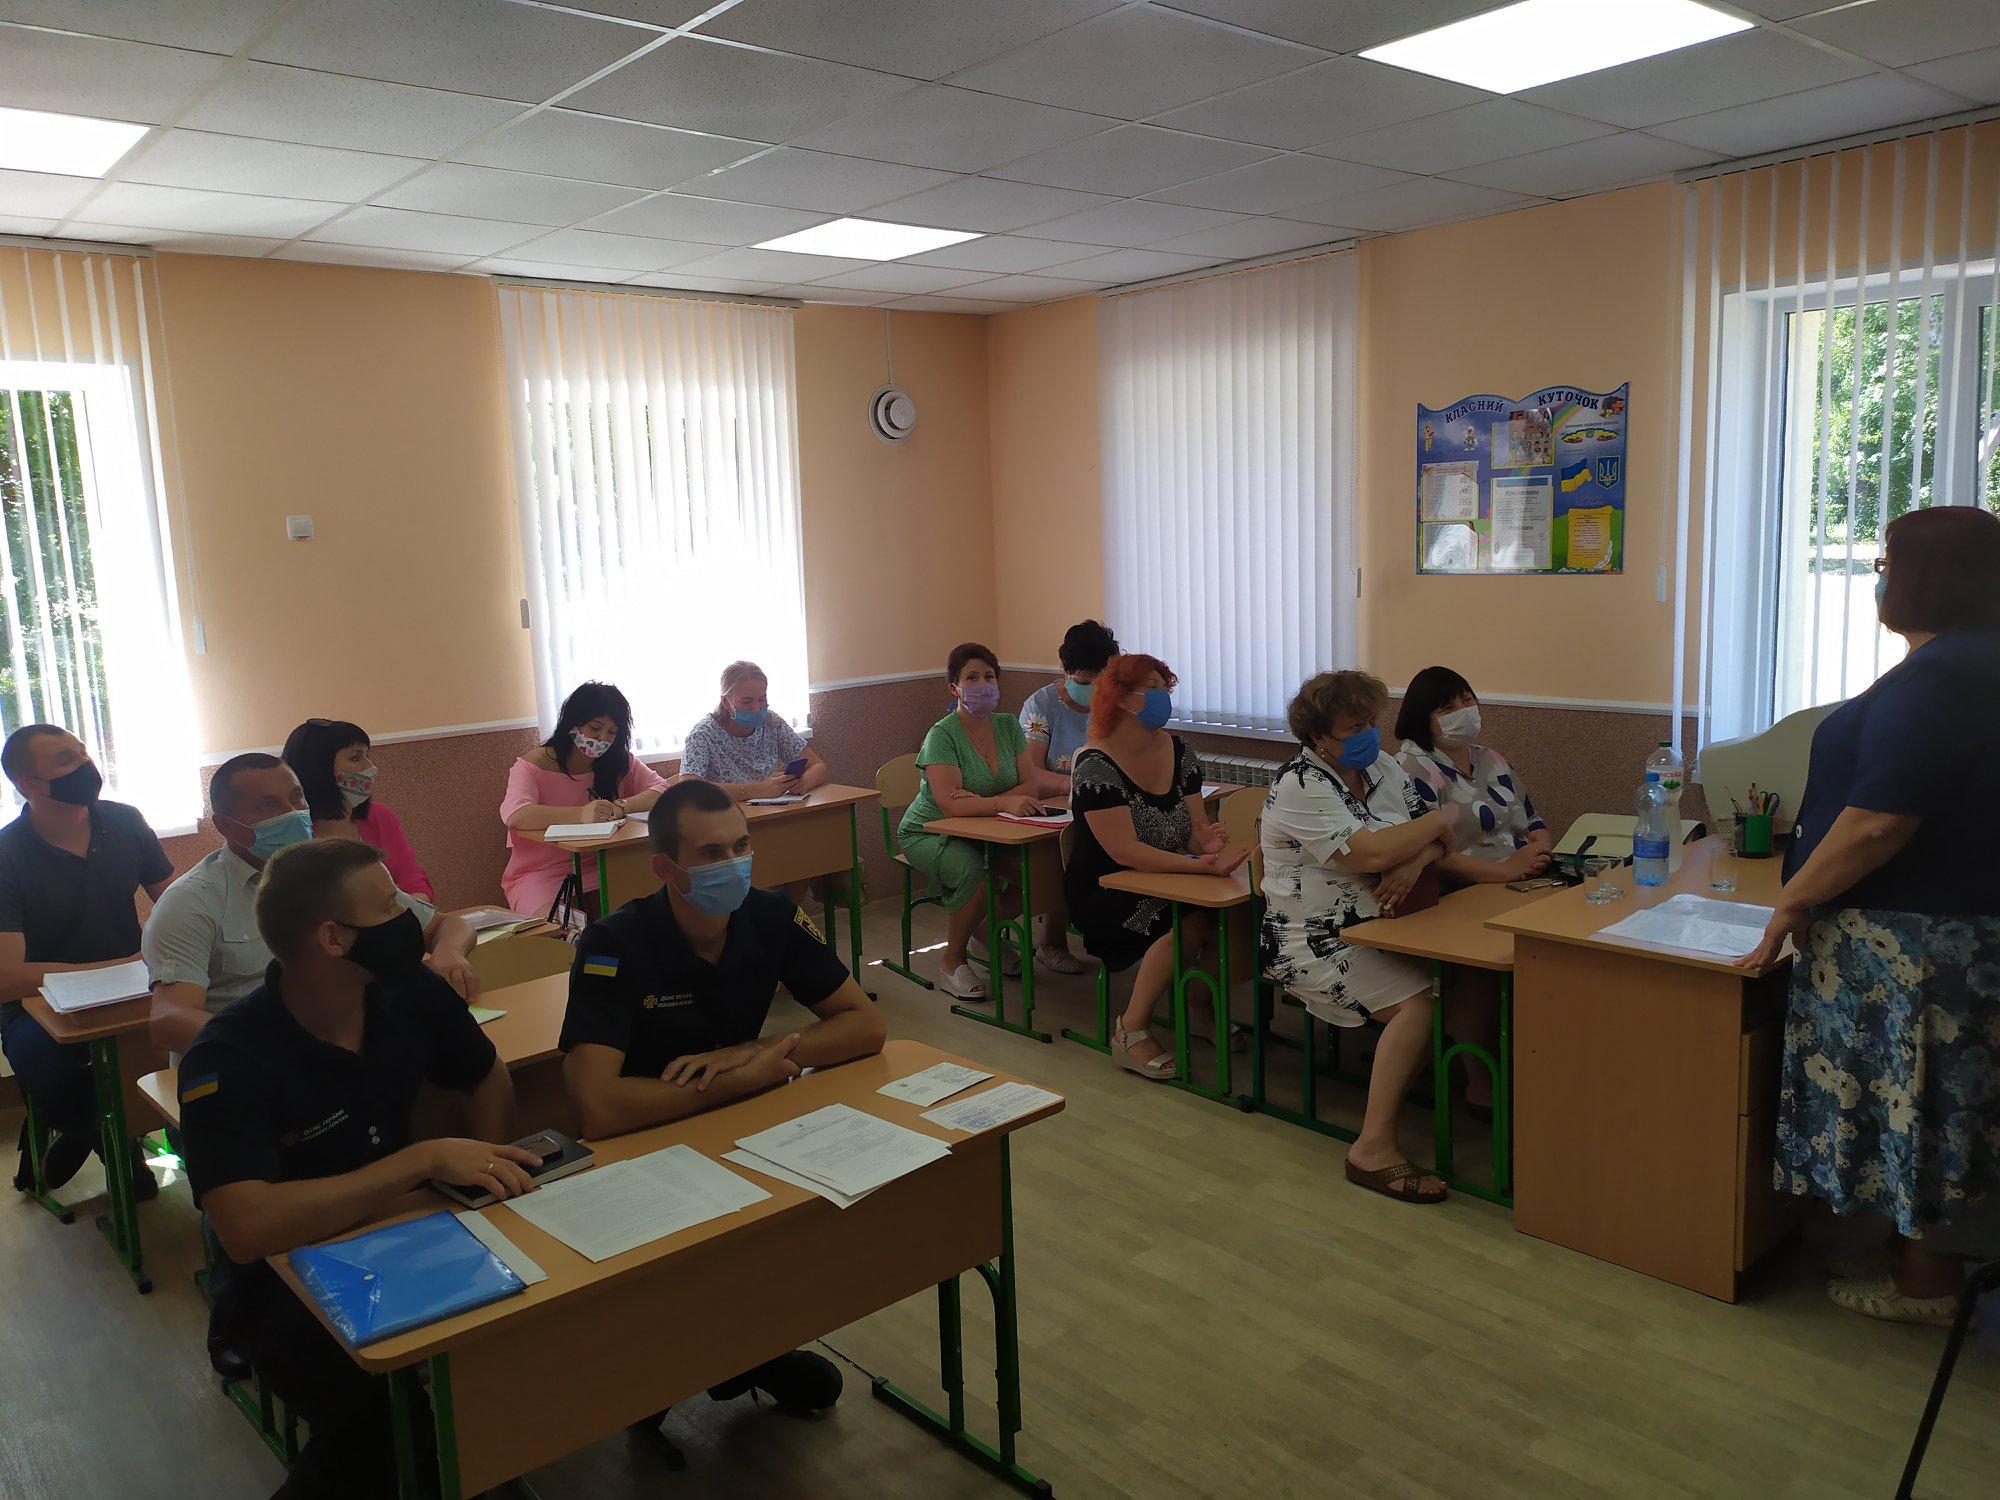 Огляд готовності закладів освіти Наталинської сільської ради до 2020/2021 навчального року